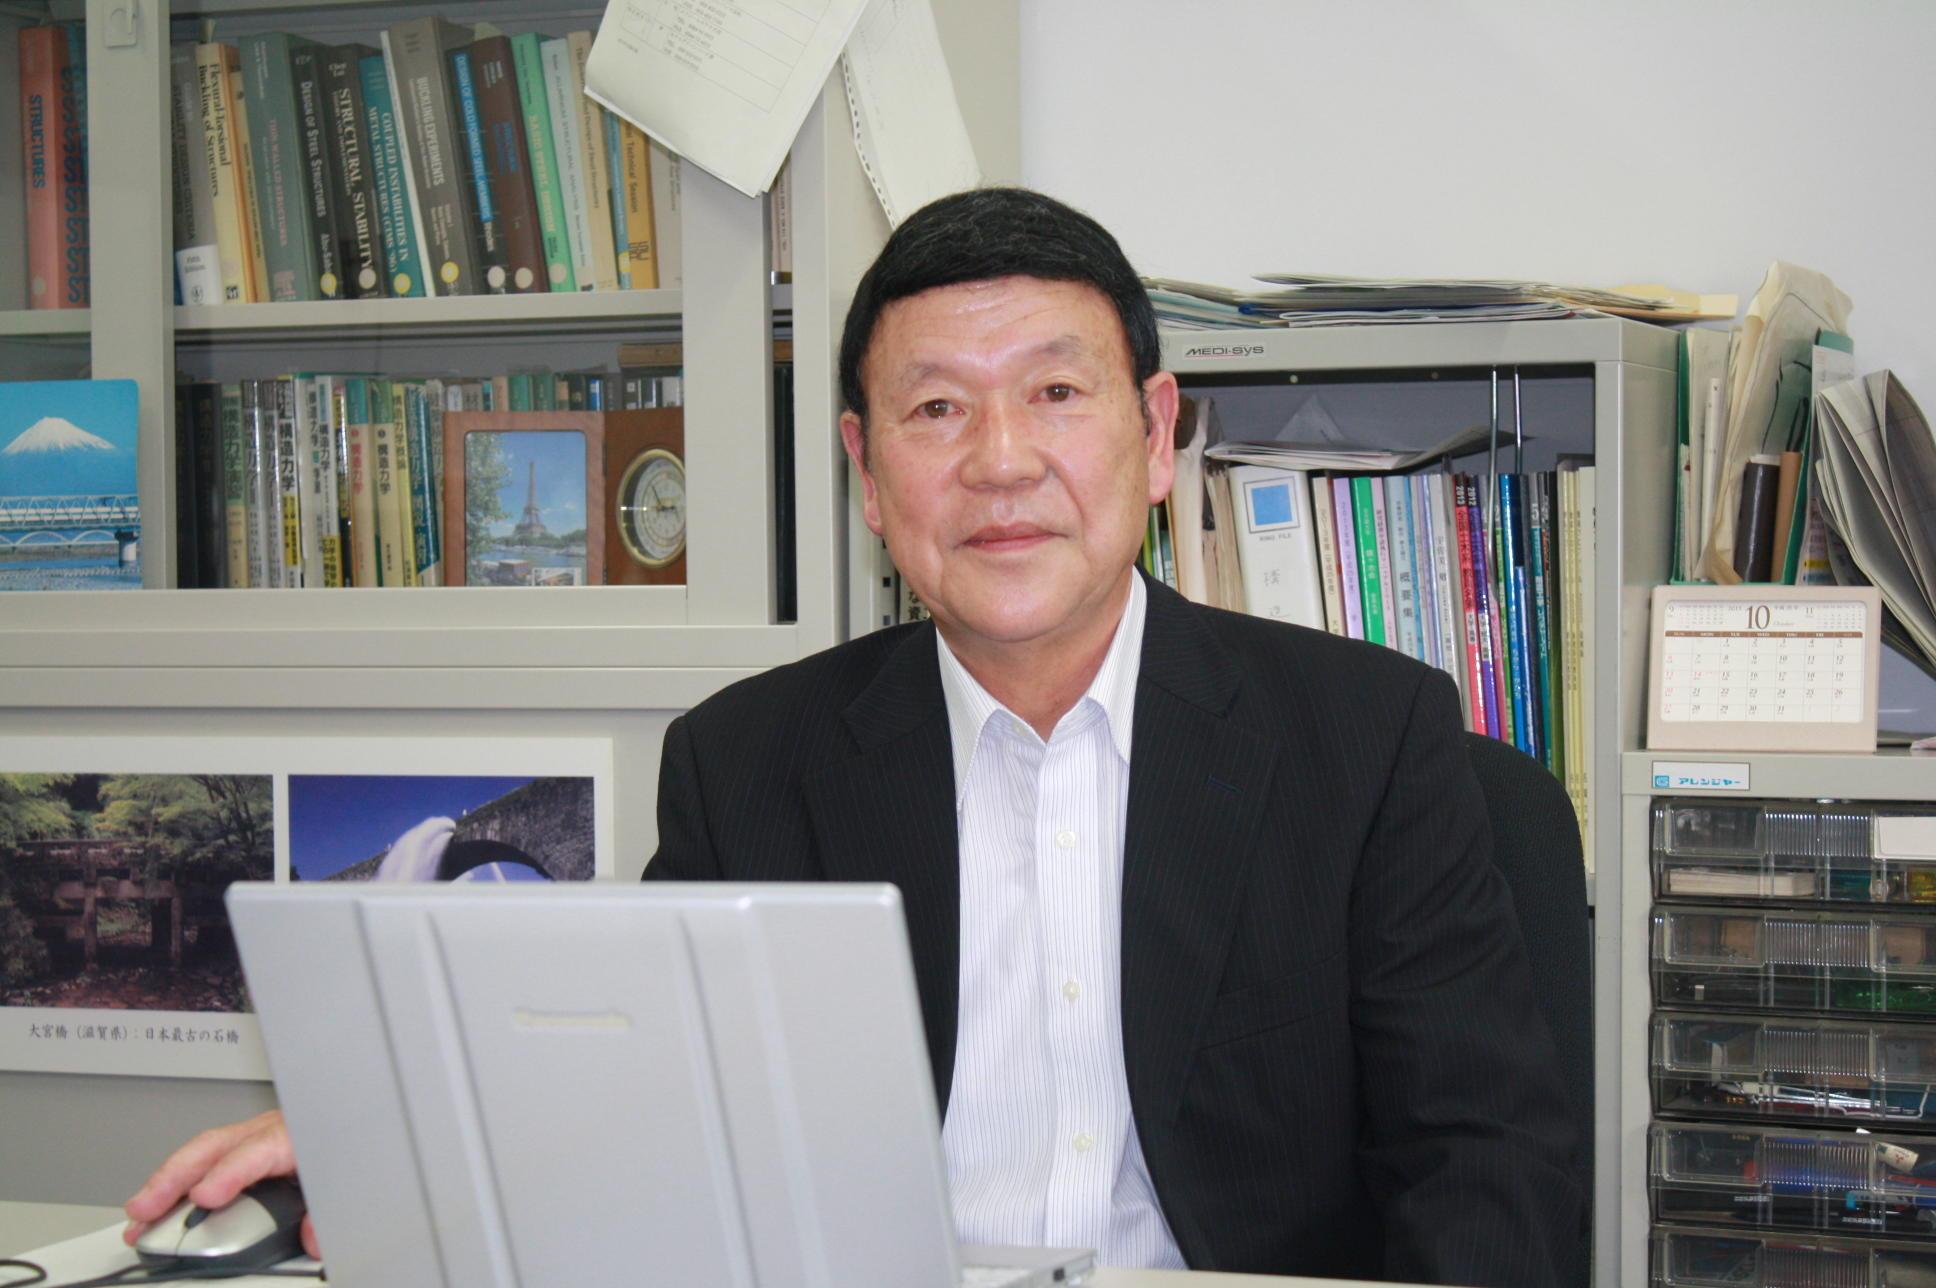 「名城大学もこの50年で本当に大きく変わりました」と語る久保教授